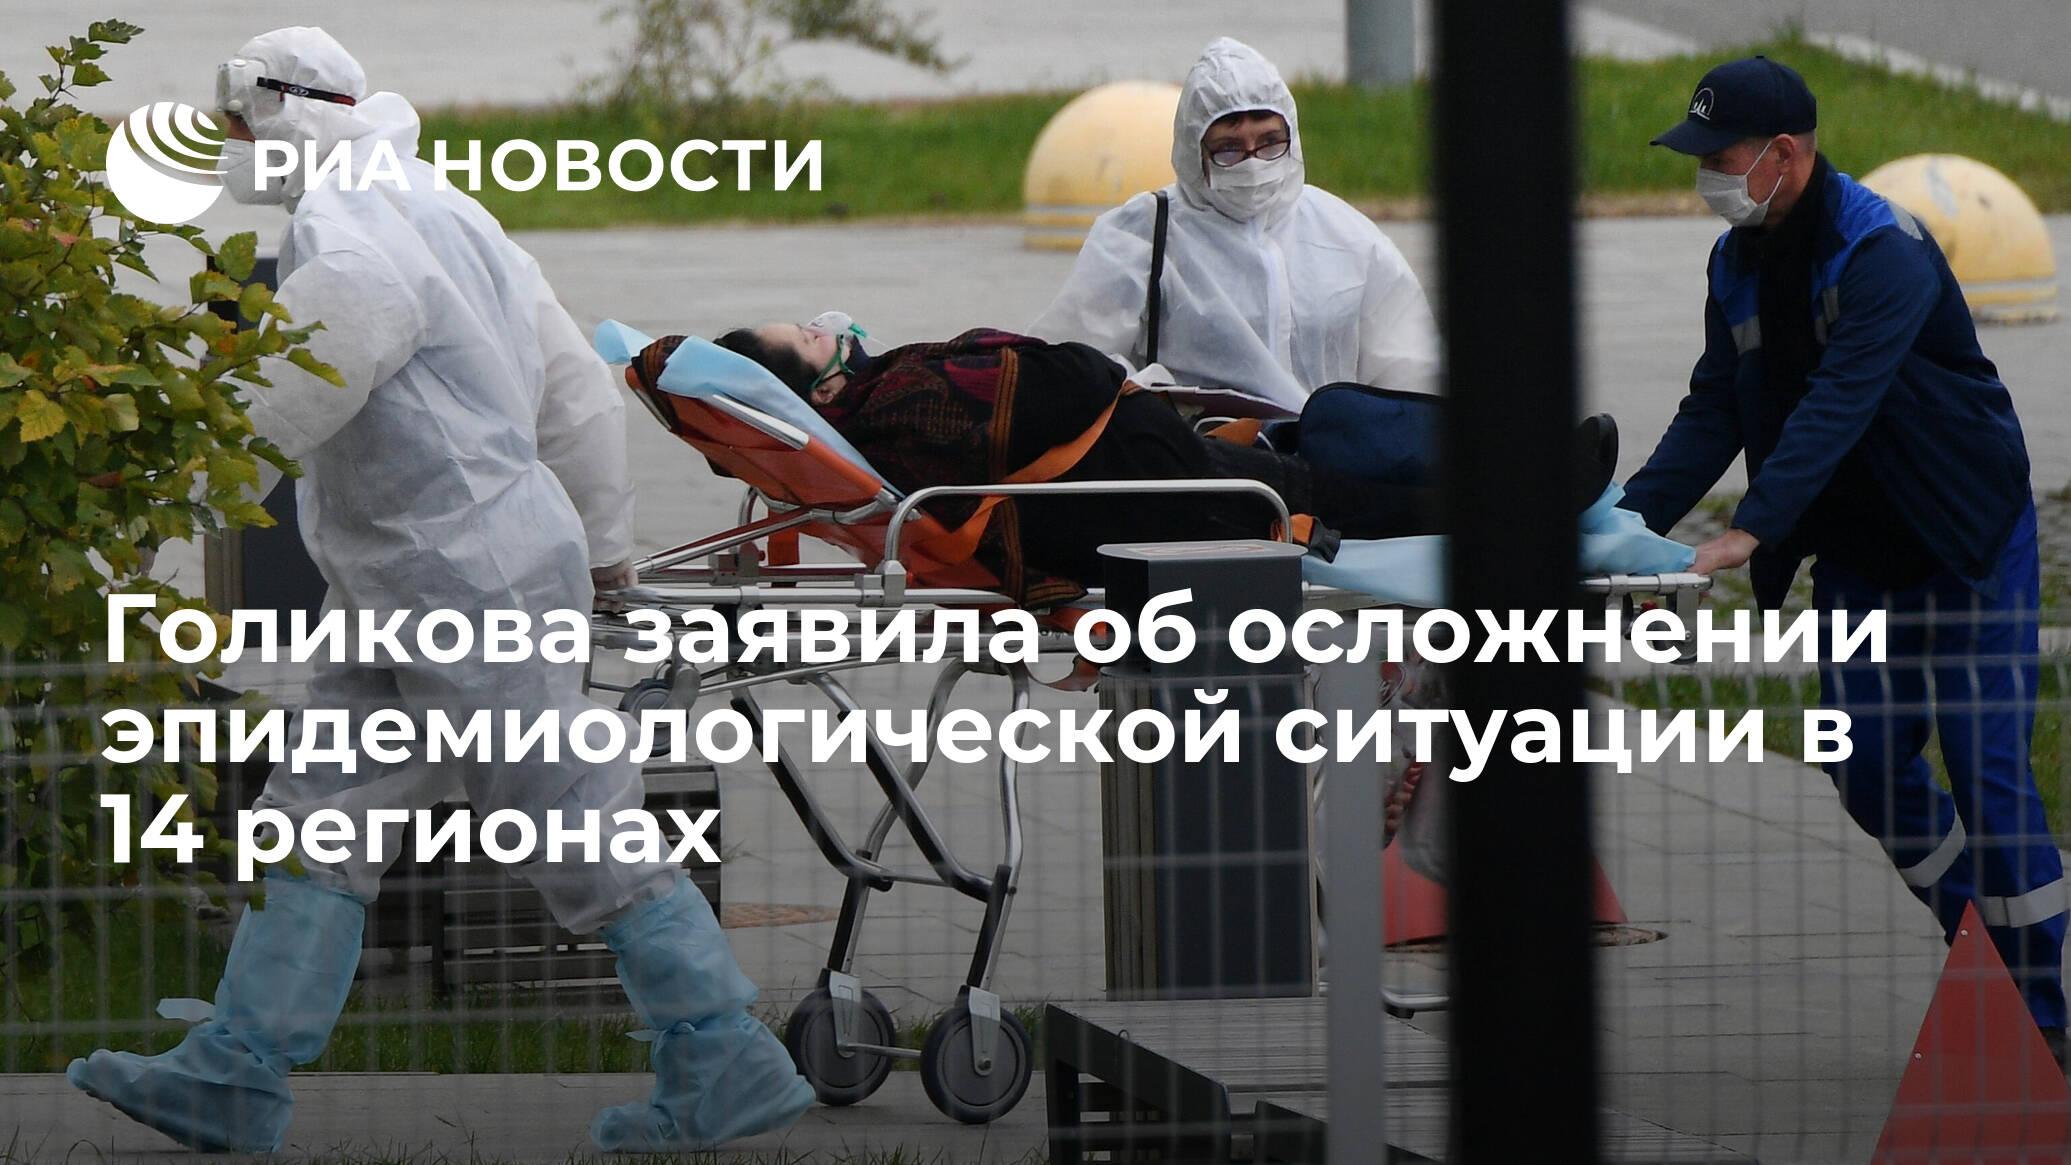 Голикова заявила об осложнении эпидемиологической ситуации в 14 регионах